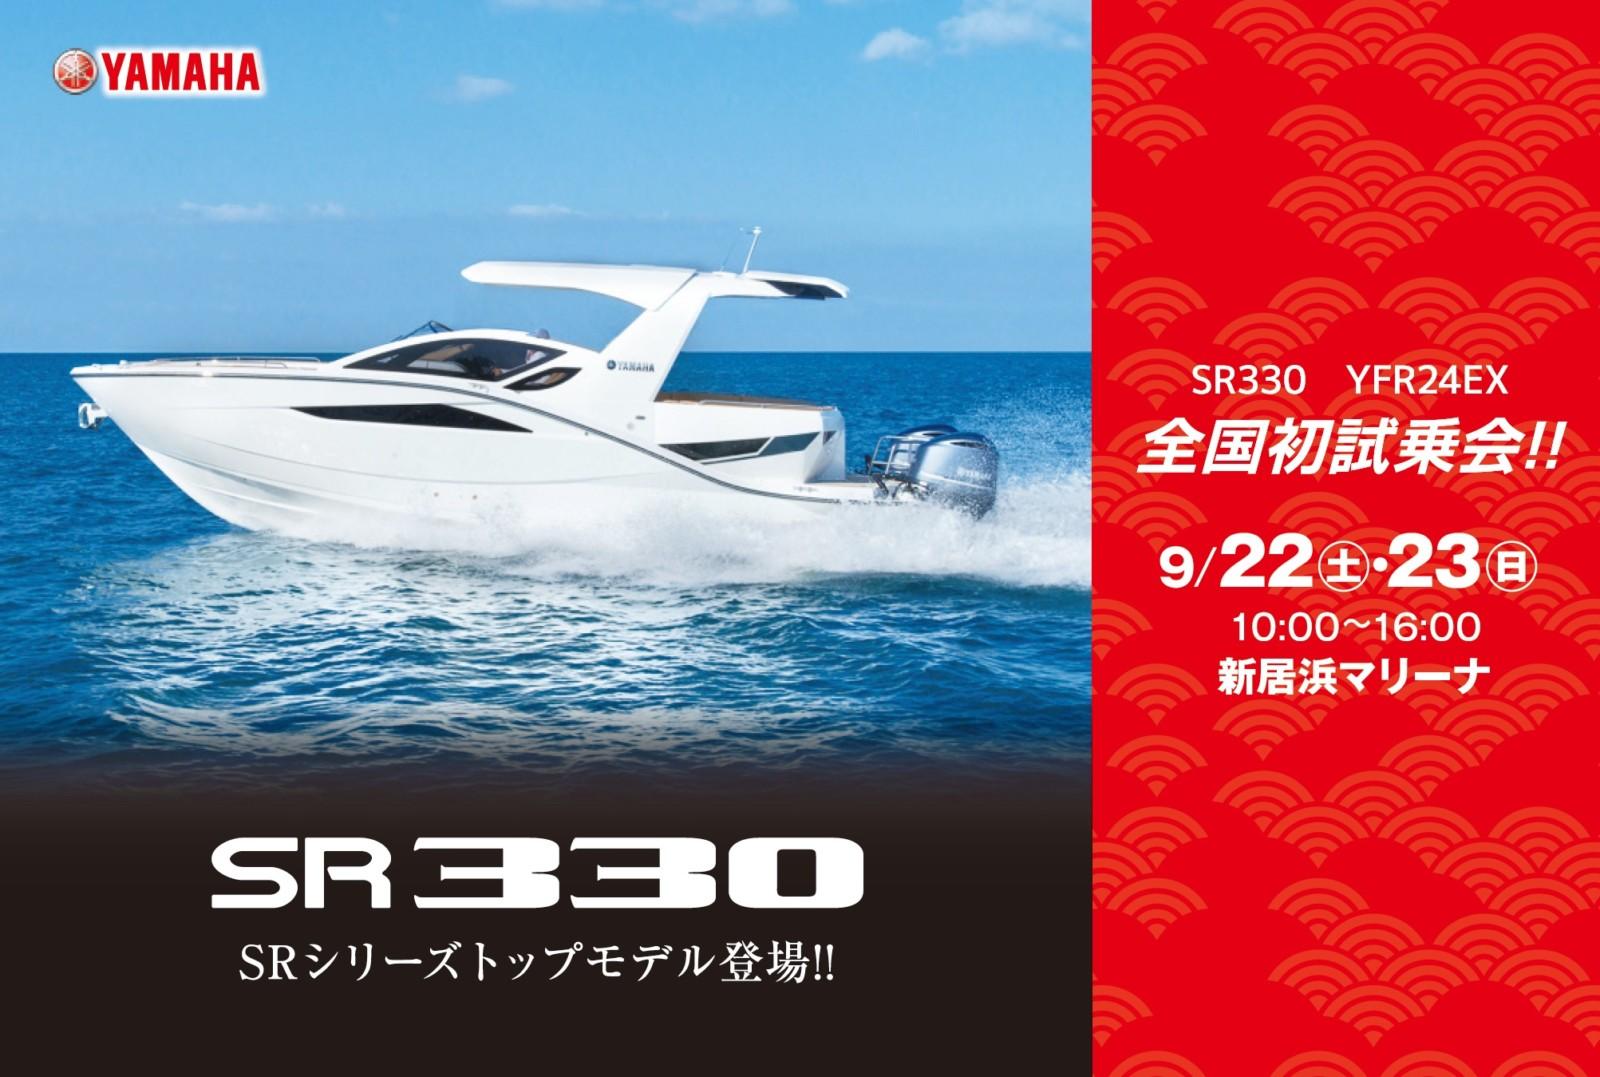 SR330・YFR24EXデビュー試乗会8